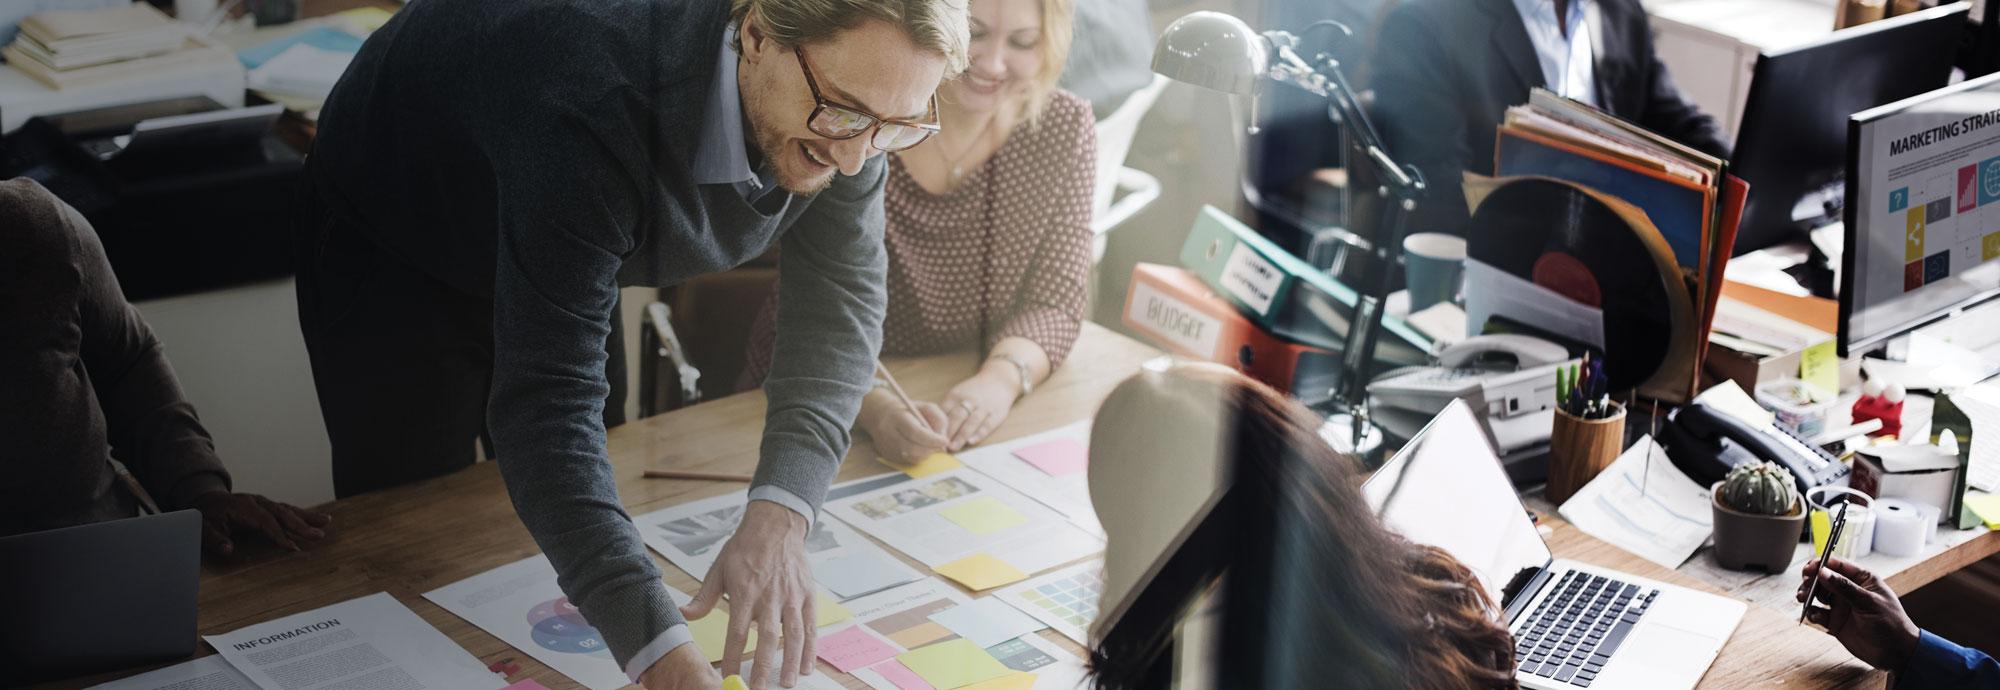 Möglichkeiten und Grenzen der Exkulpation der Geschäftsführung